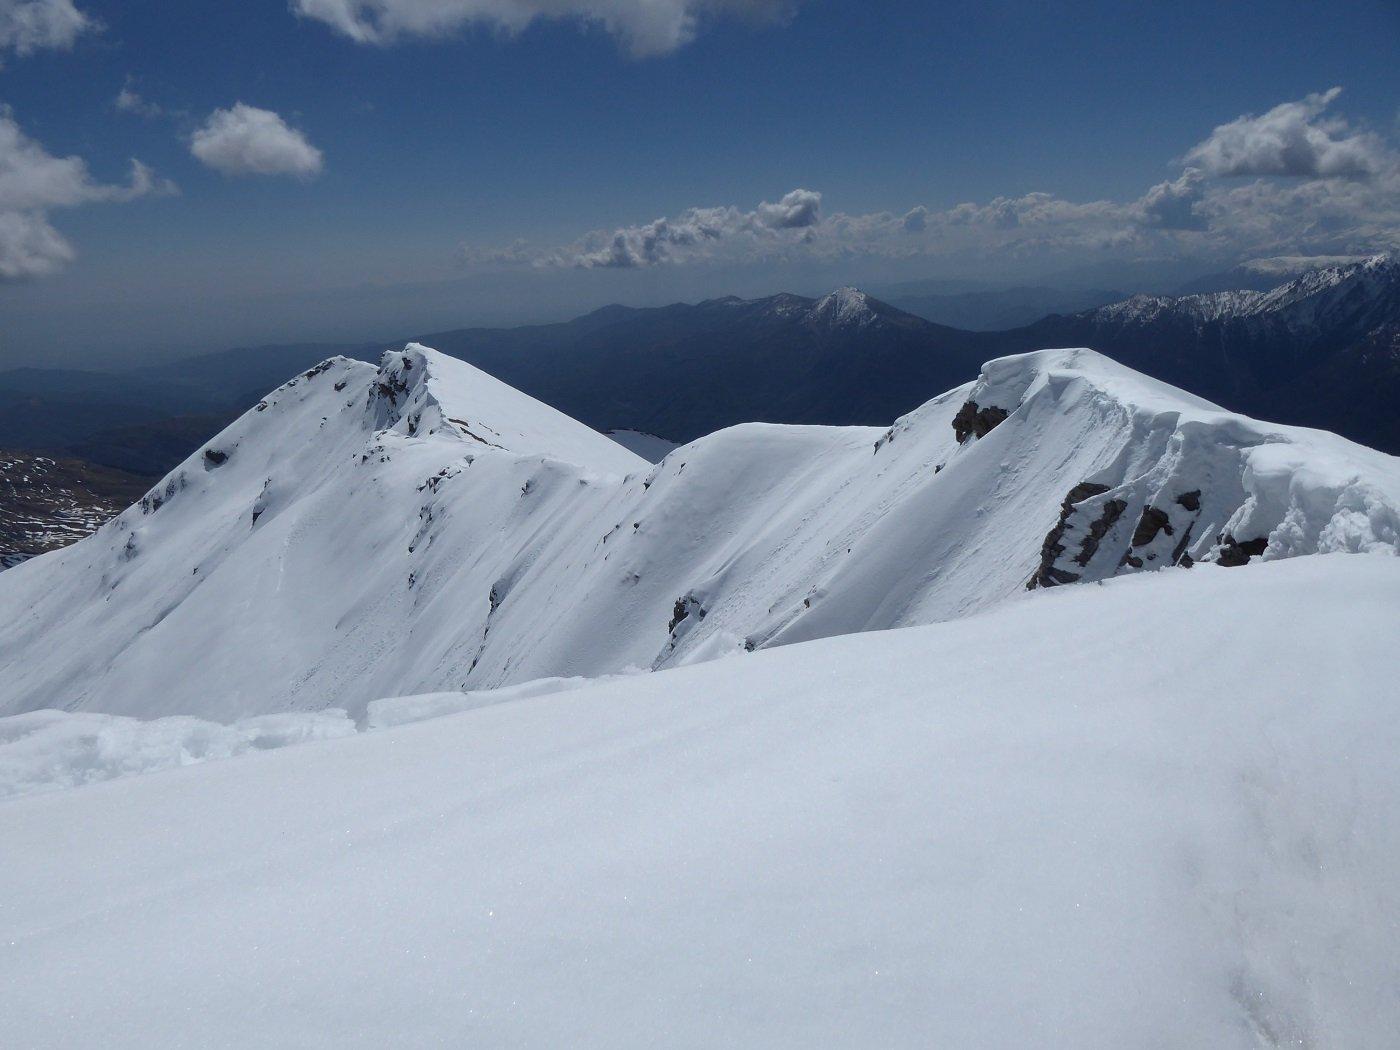 La cresta tra Cima di Crosa e M.te Roccenie vista da quest'ultimo.